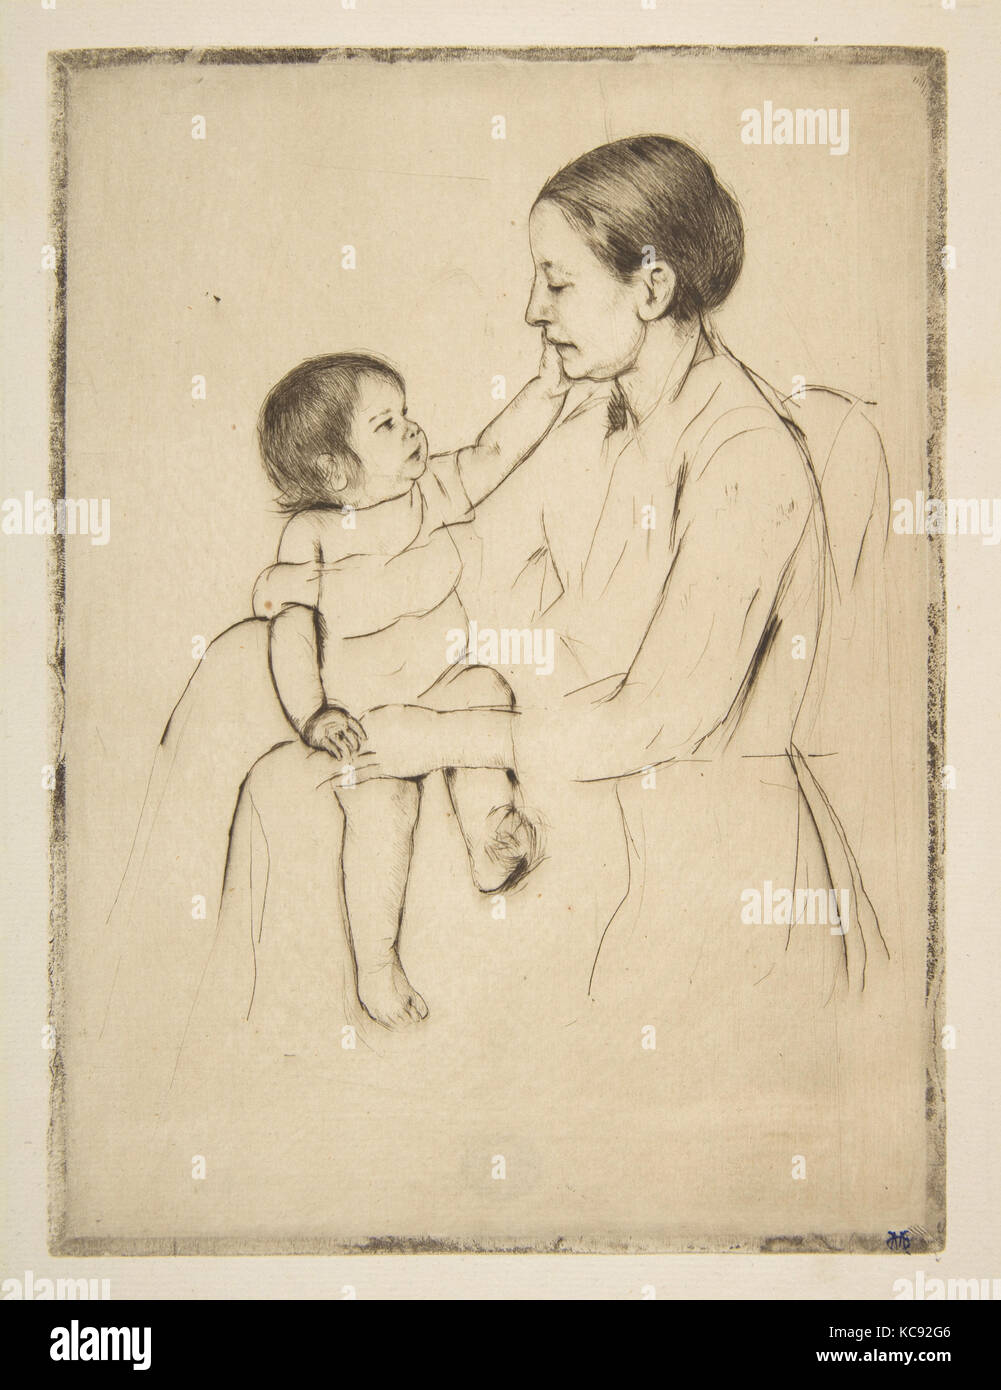 Die liebkosung, Ca. 1891, kaltnadelradierung; zweite Zustand, Platte: 7 3/4 x 5 3/4 in. (19,7 x 14,6 cm), Drucke, Stockbild